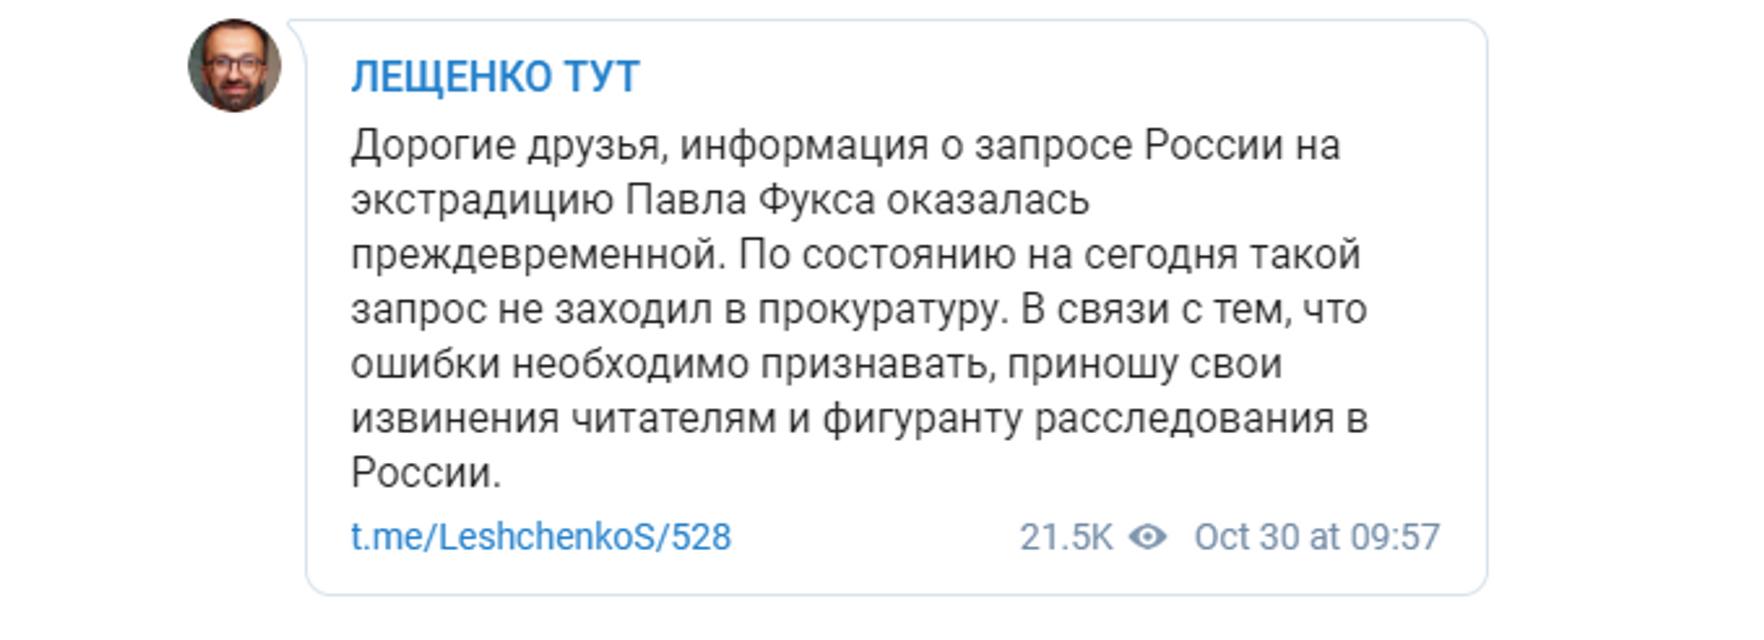 РФ требует от Украины 'выдать  Фукса'. Так ли это? - фото 190417